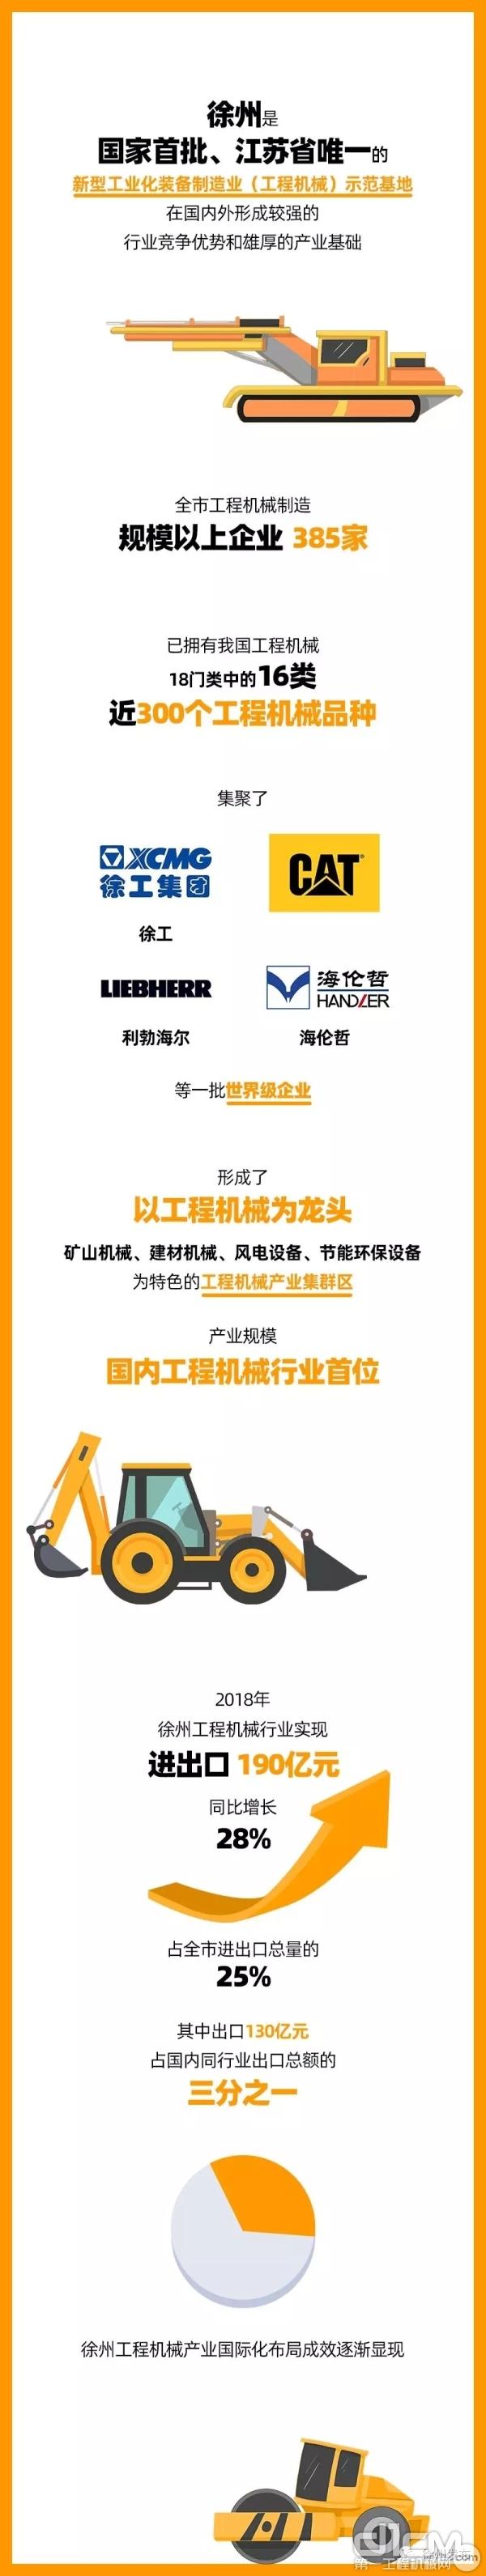 徐州的工程机械制造行业